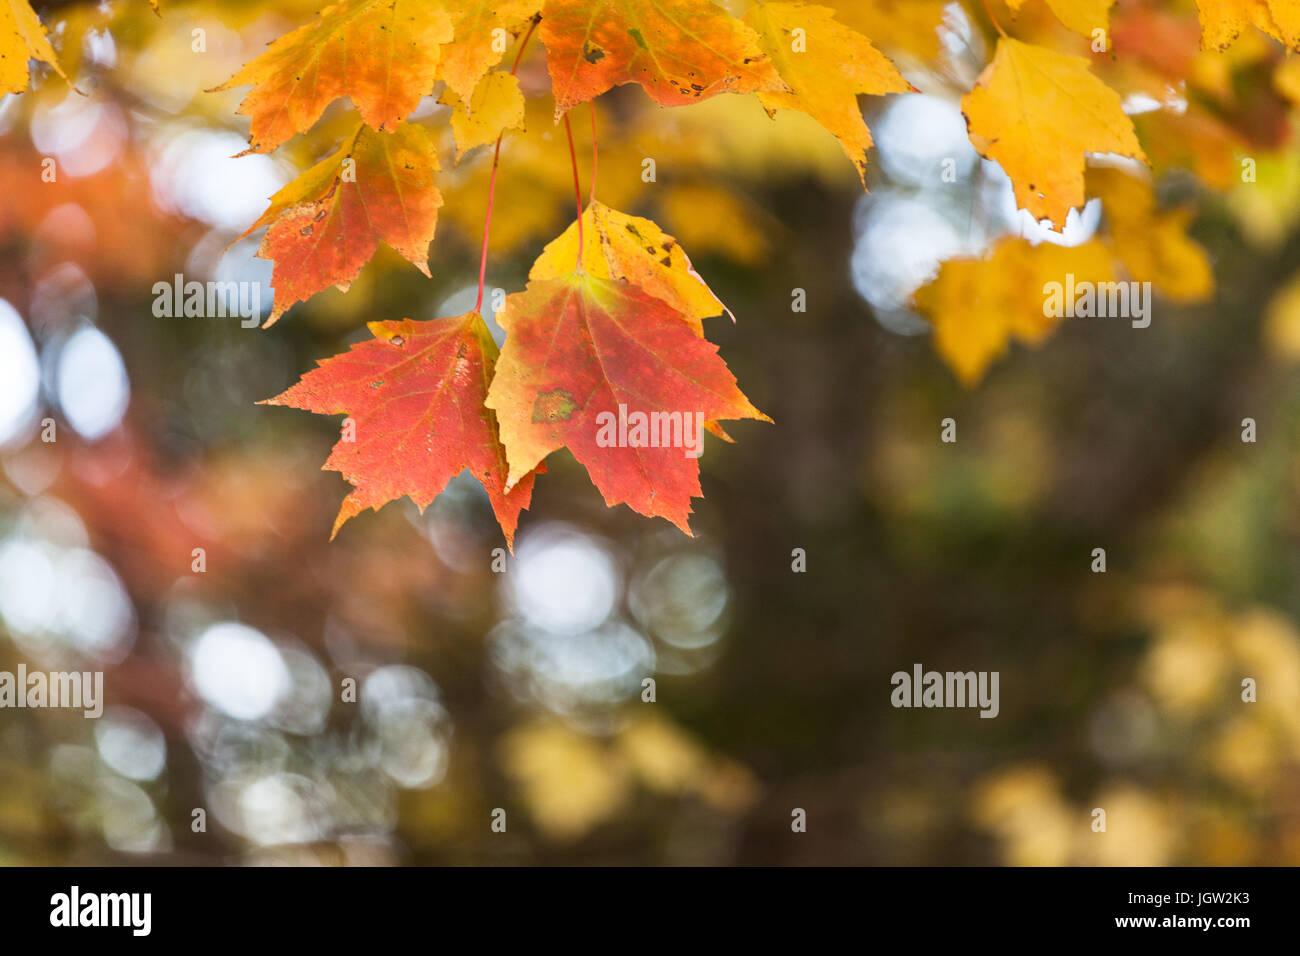 Beautiful fall foliage - Stock Image